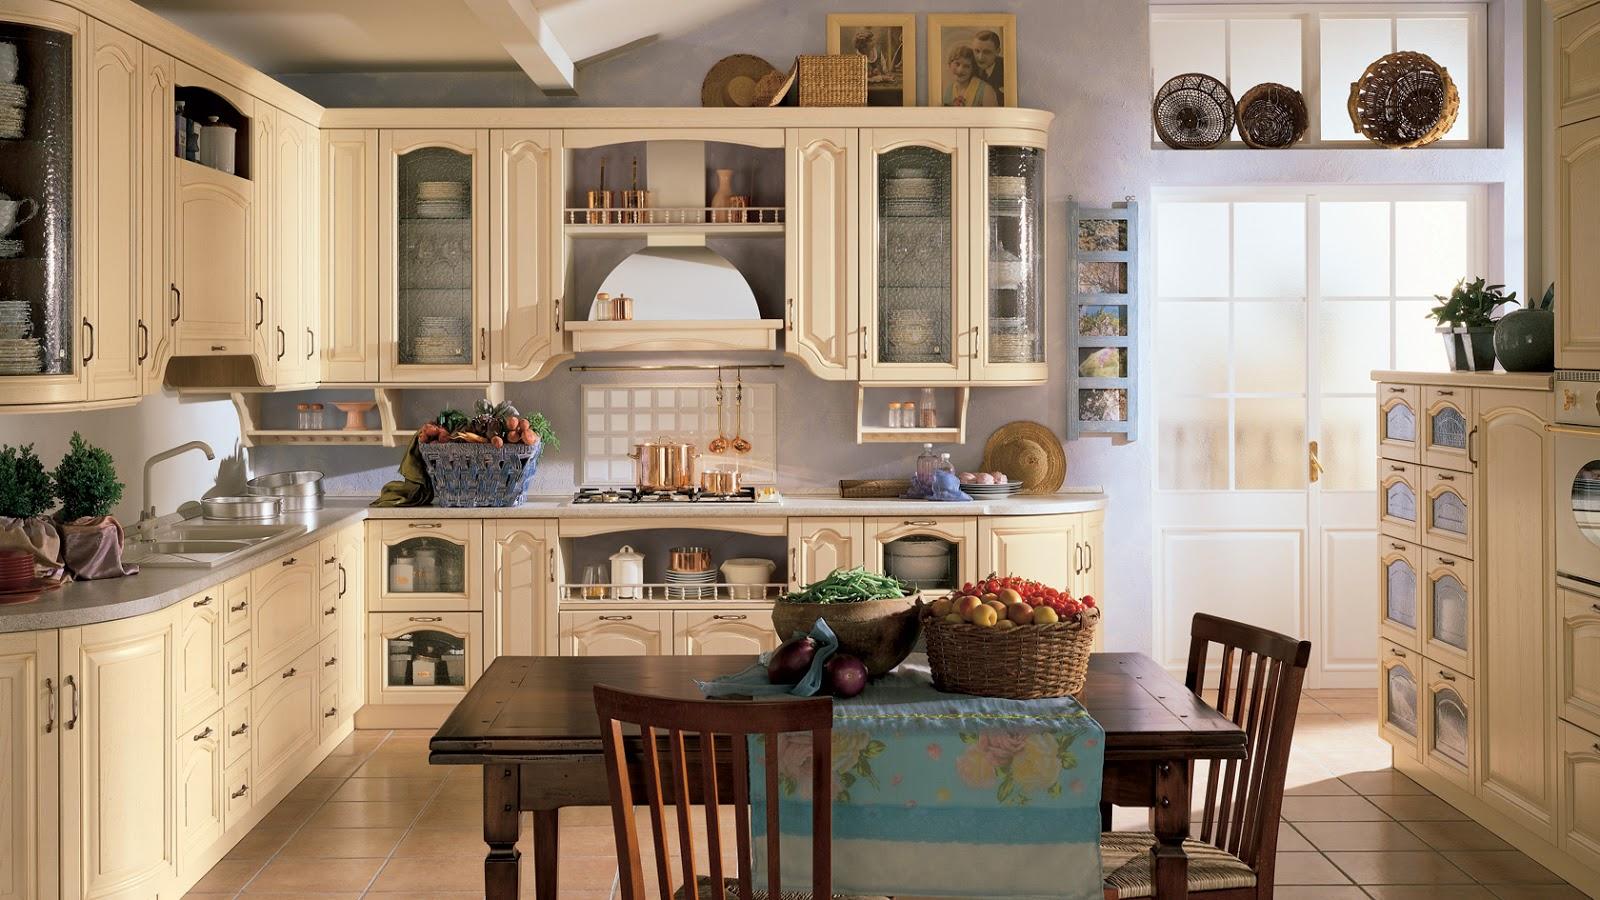 cucina classica elegante : Cucine classiche: Scavolini Margot, cucina classica elegante.